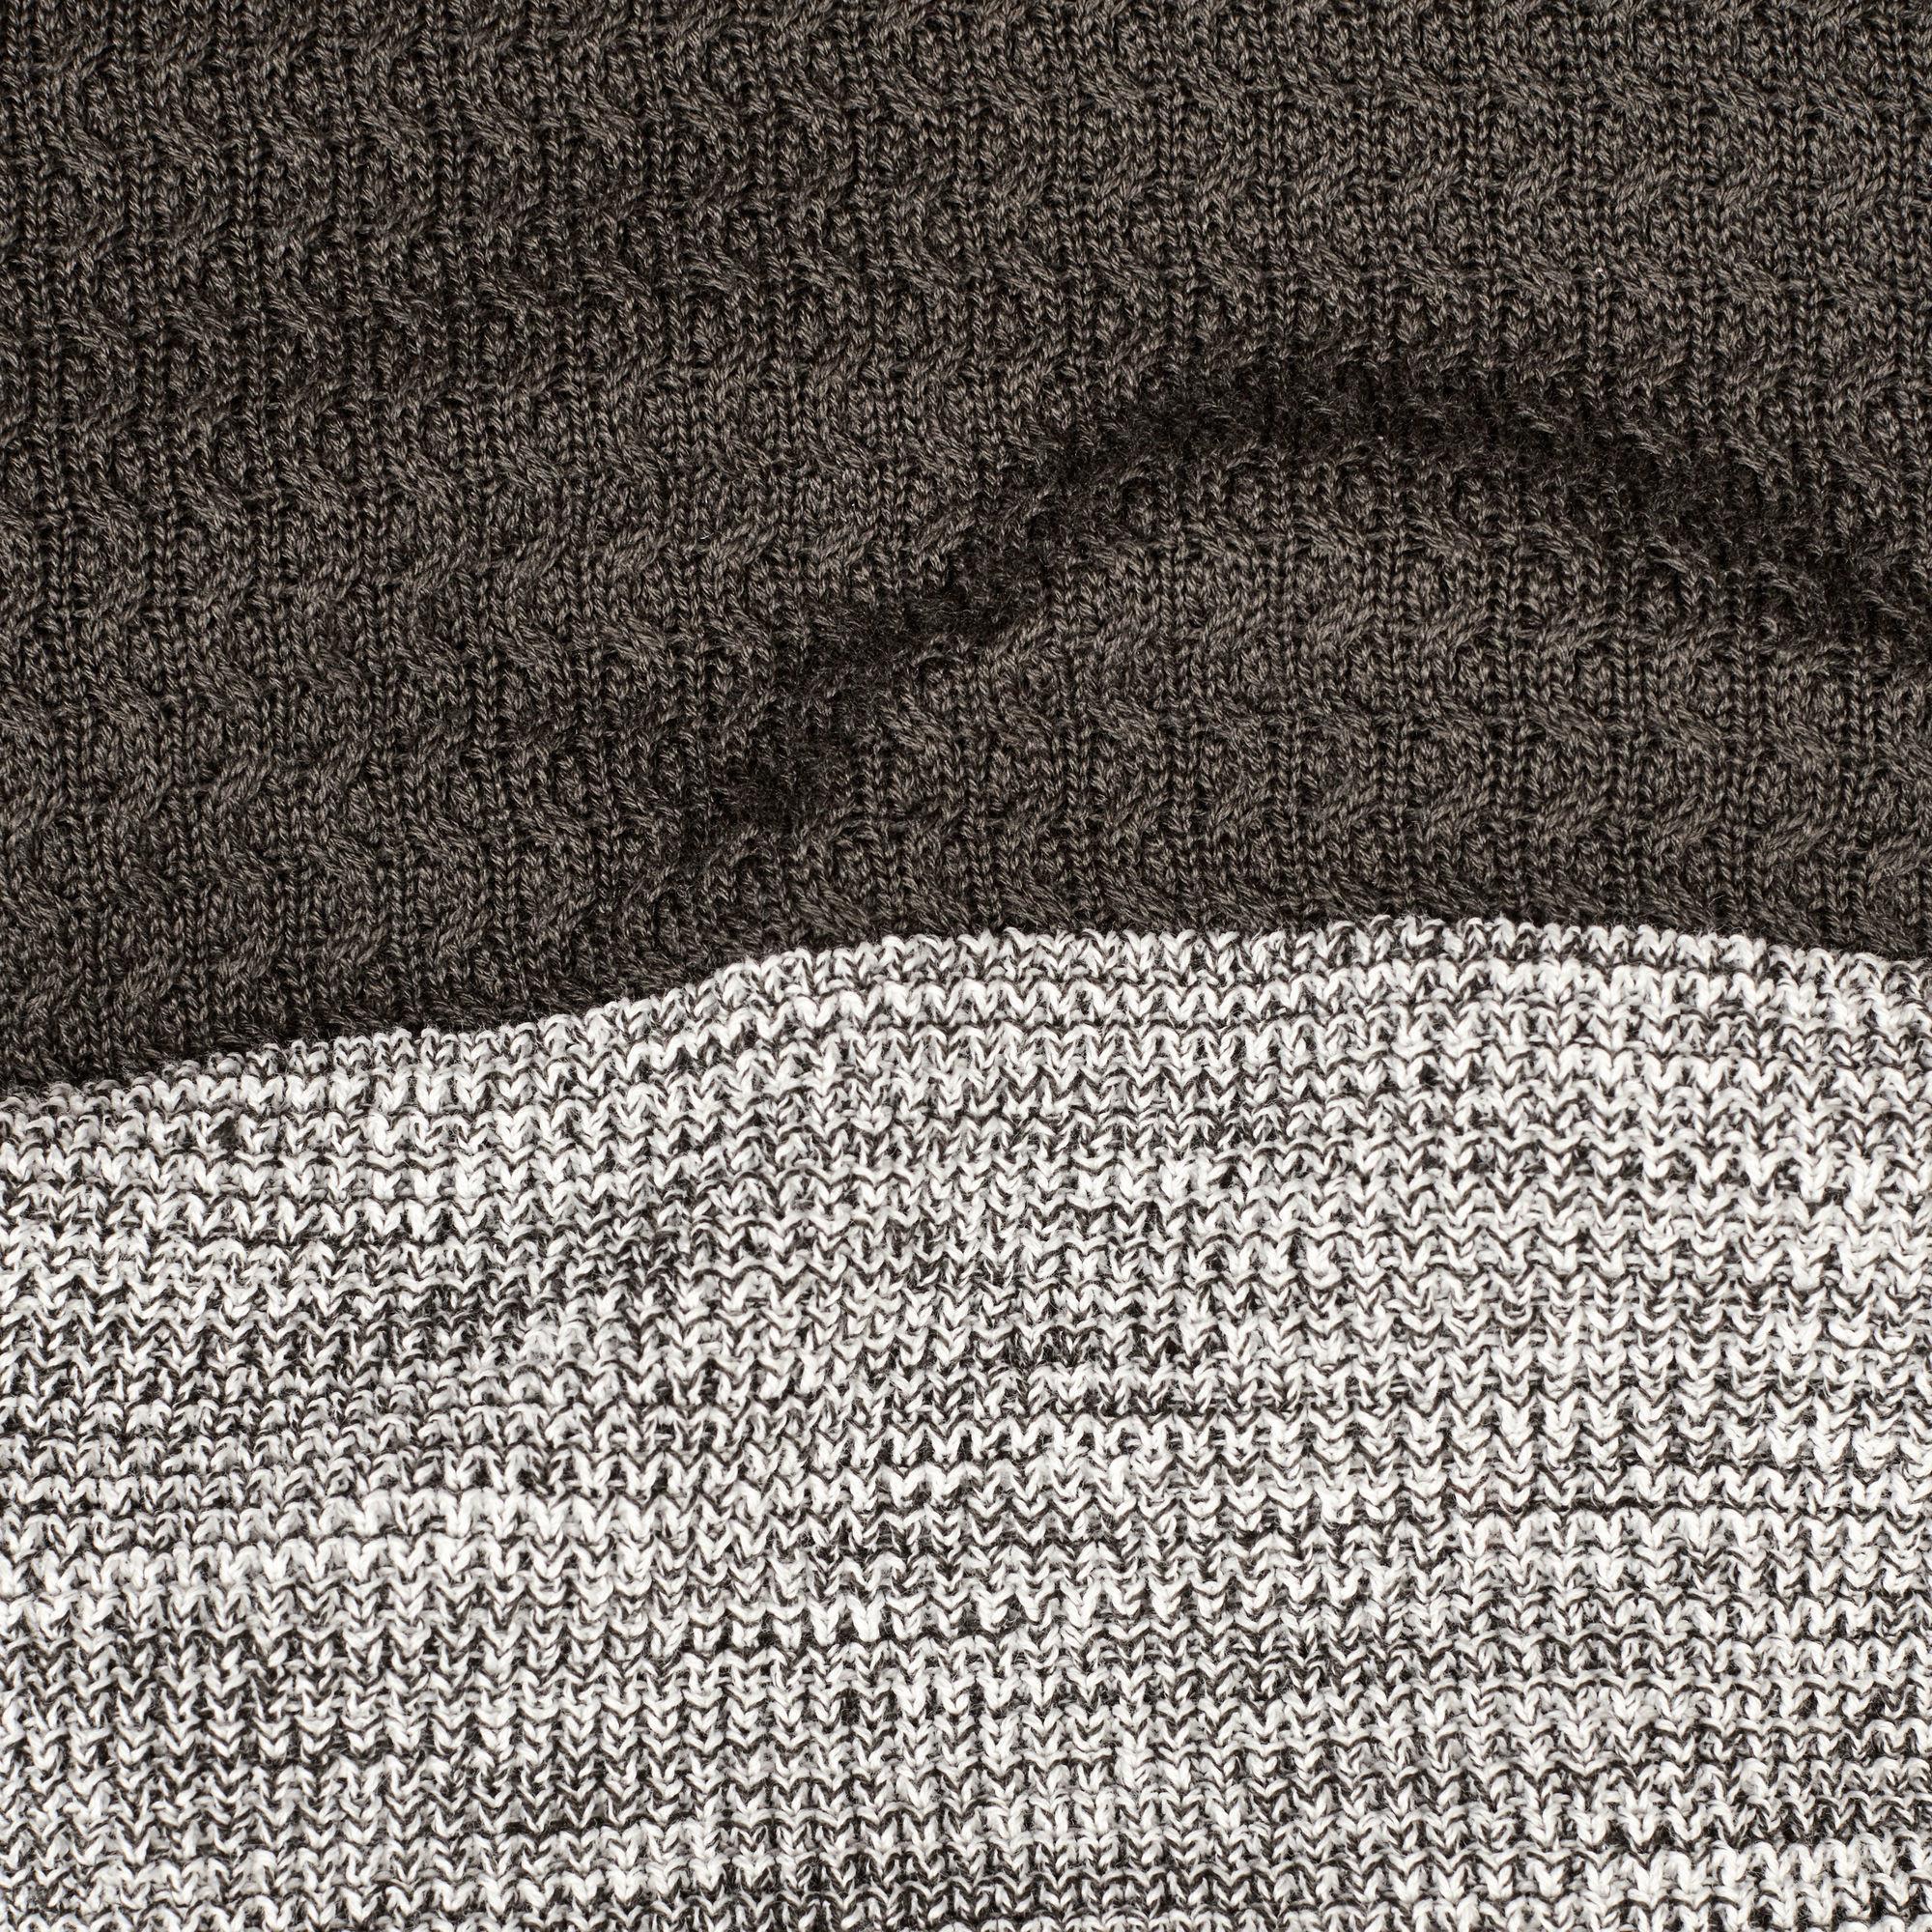 G-Star G-Star Charly R Knit Asfalt Grey